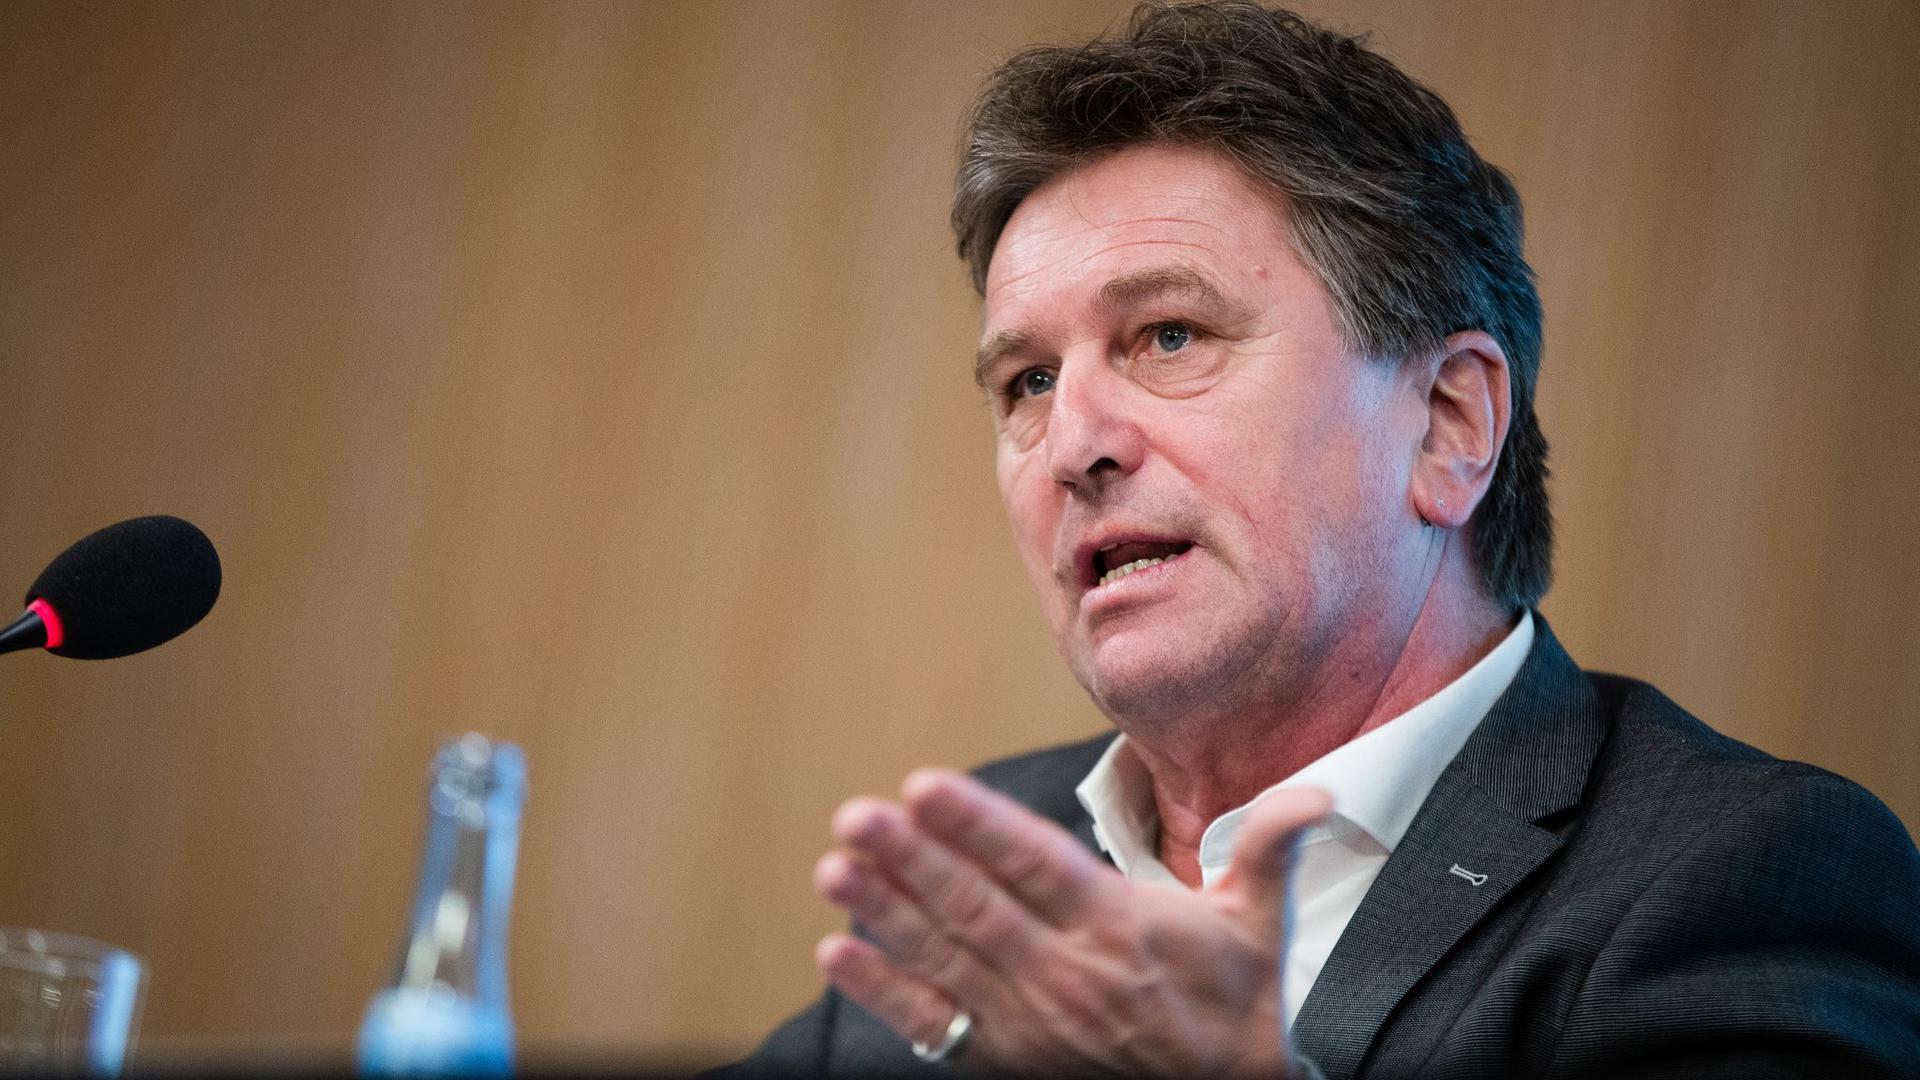 Manfred Lucha (Bündnis 90/Die Grünen), Minister für Soziales und Integration von Baden-Württemberg.